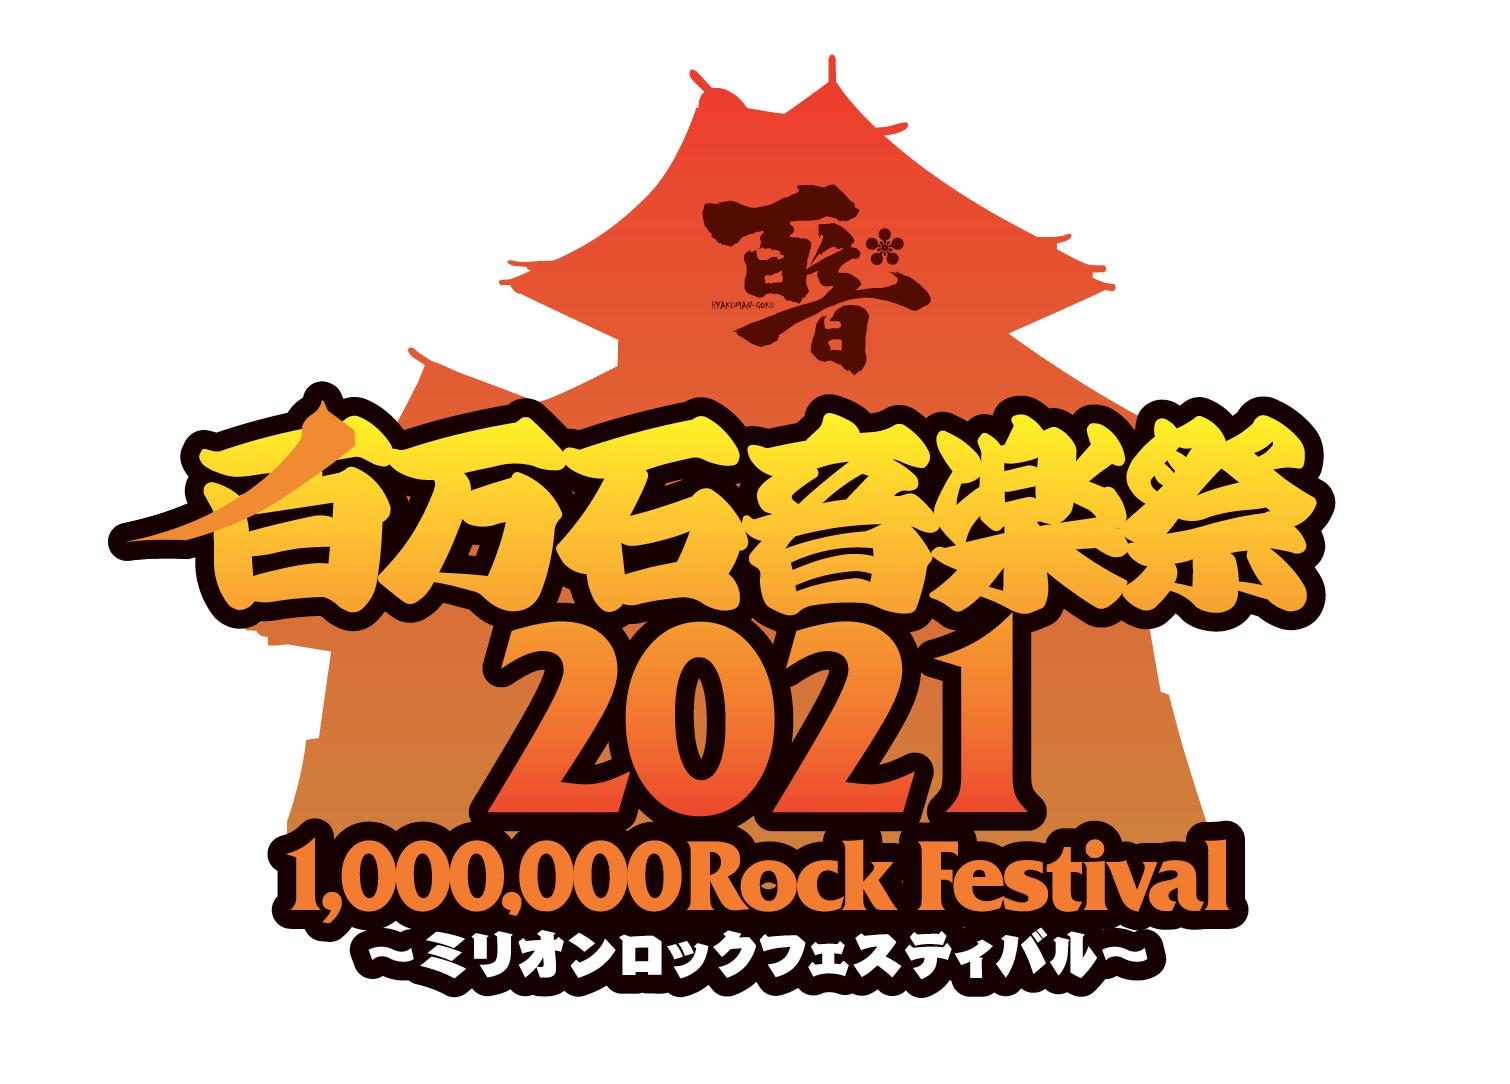 『百万石音楽祭2021~ミリオンロックフェスティバル~』